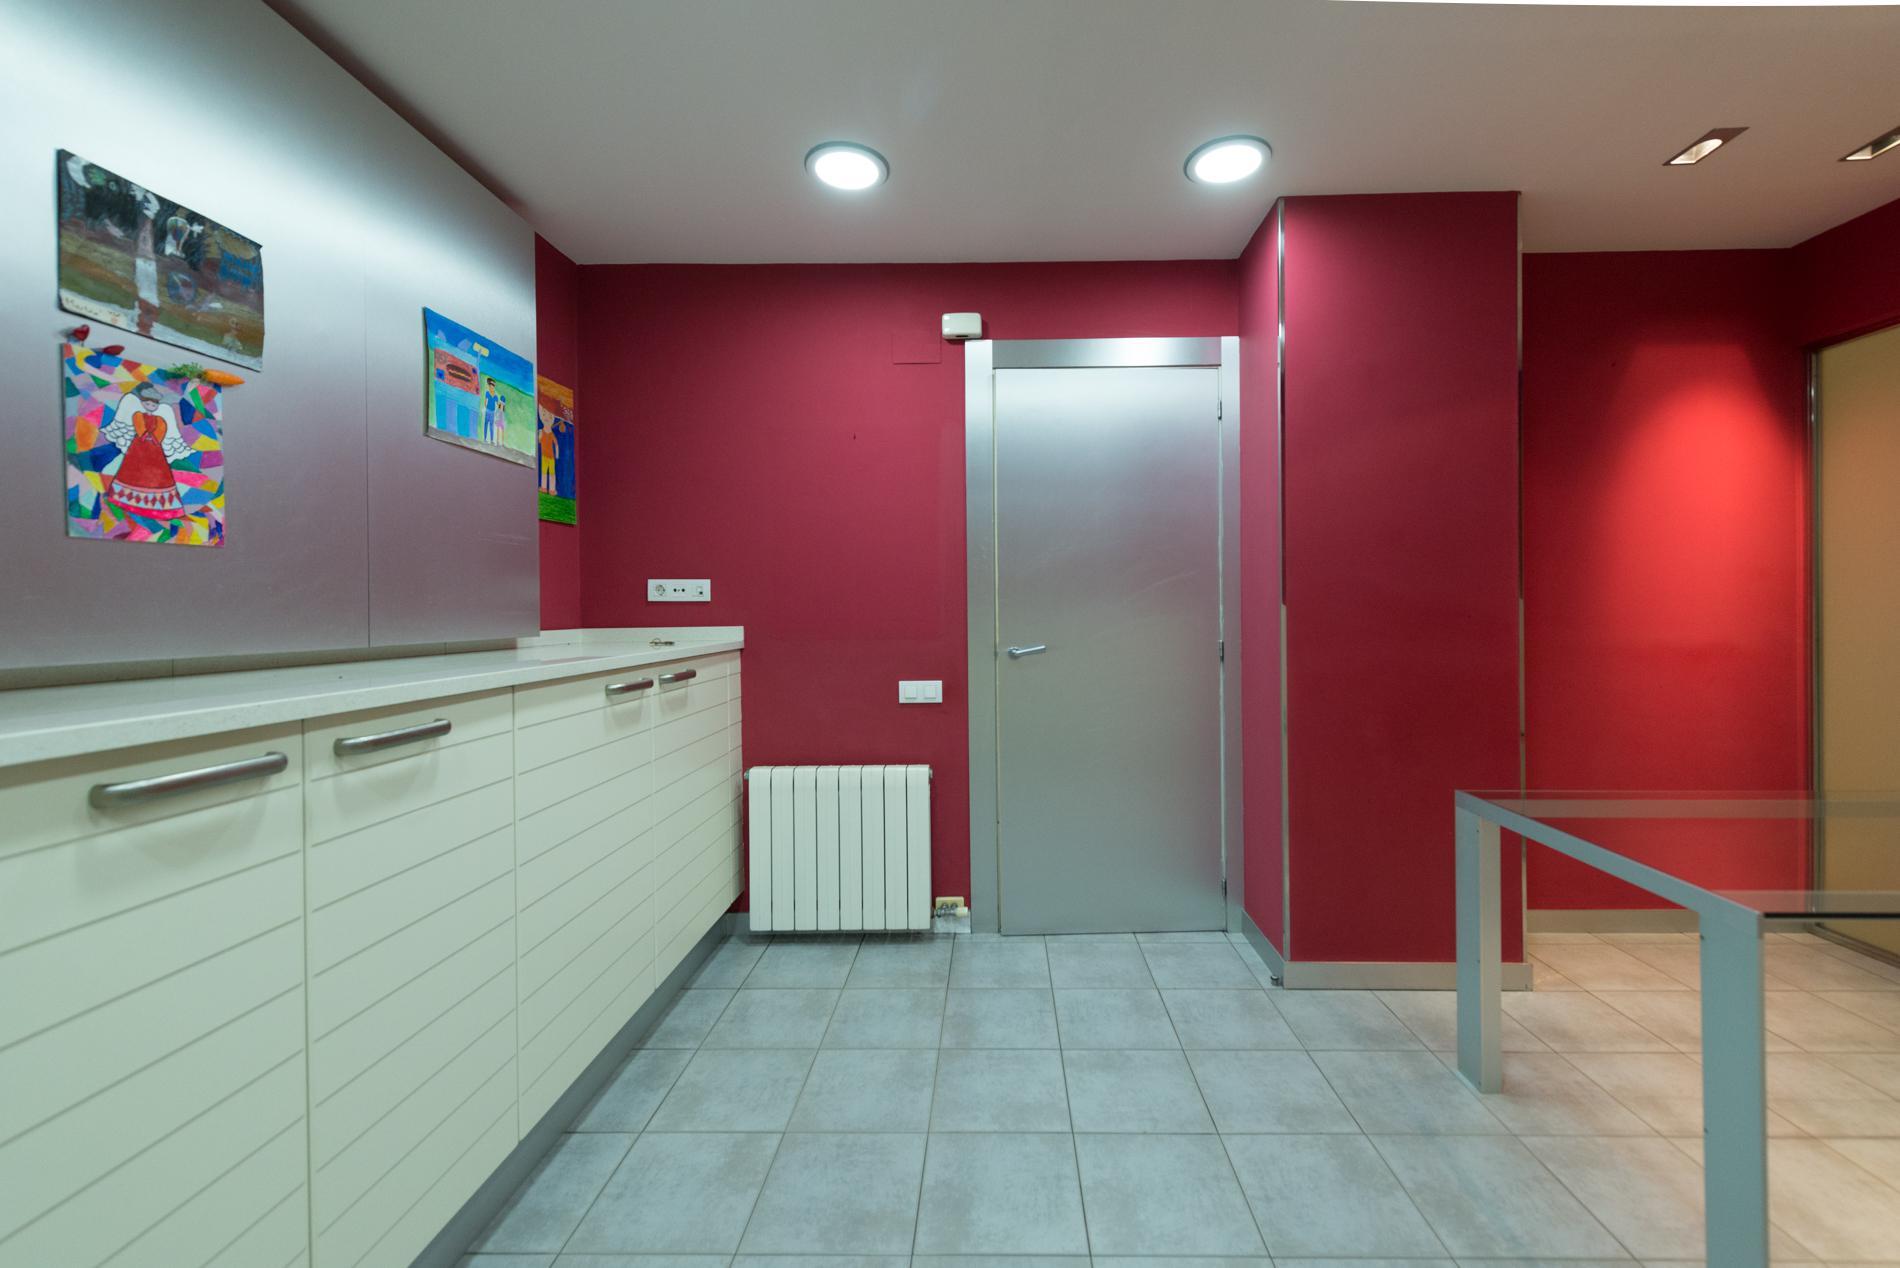 247761 Ground Floor for sale in Sarrià-Sant Gervasi, St. Gervasi-Bonanova 31